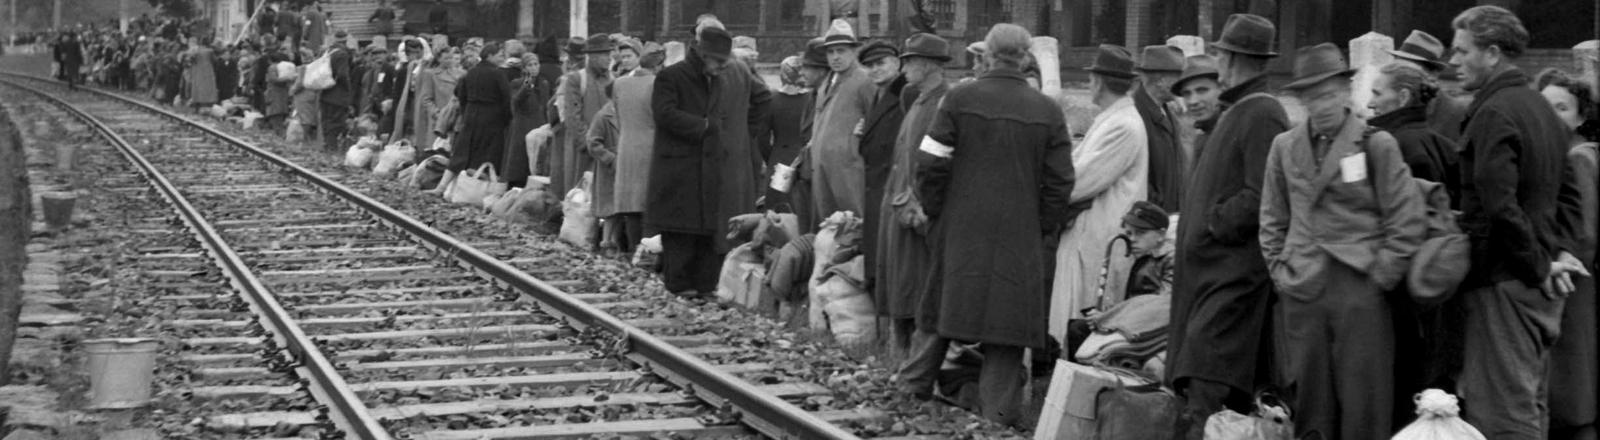 Deutsche Vertriebene stehen an einem Gleis und warten auf ihren Abtransport.